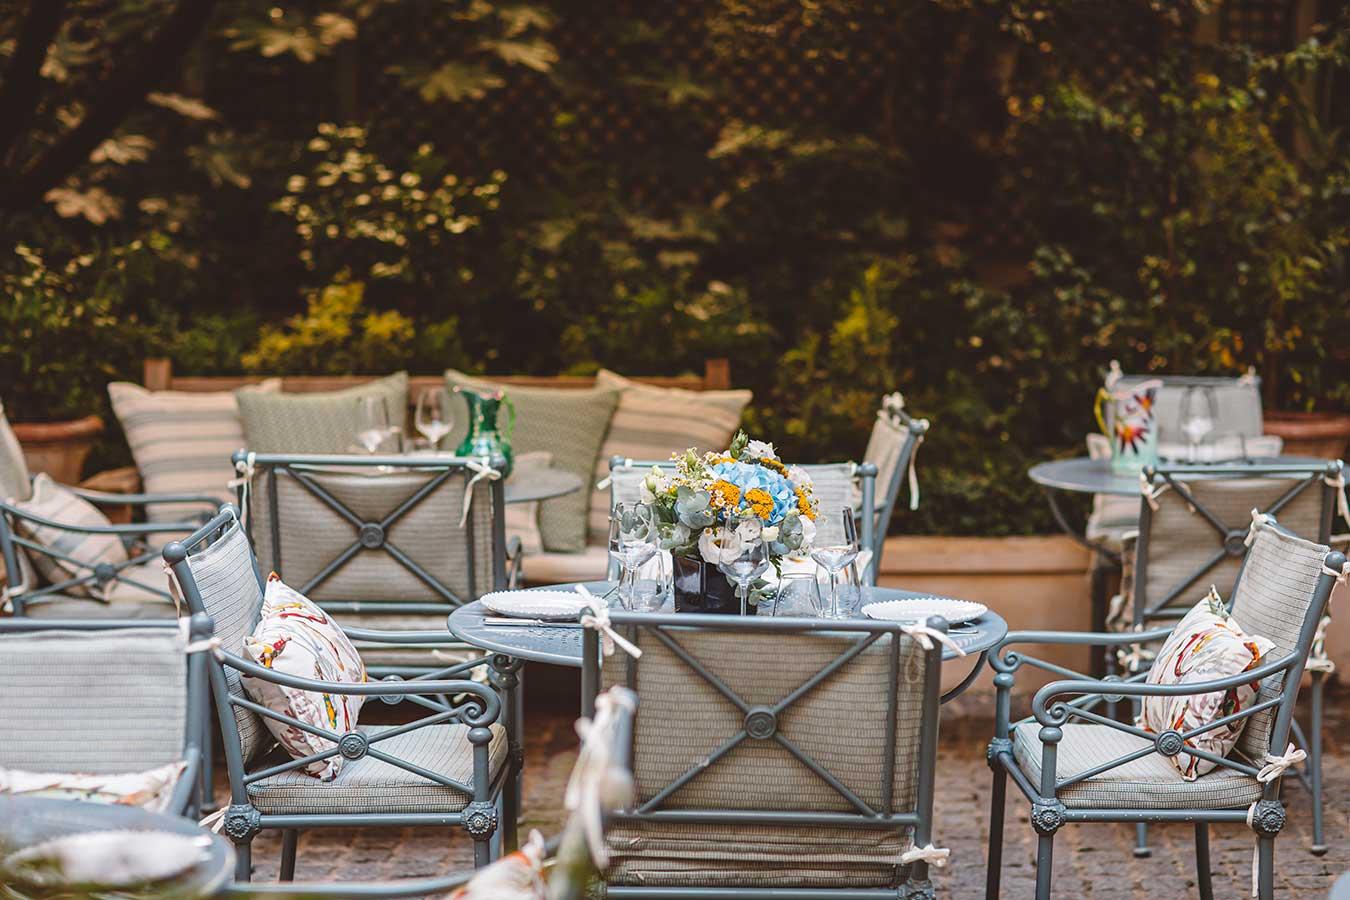 Jardin - Tables de jardin avec chaises et coussins colorés, bouquet de fleurs central dans les tons bleu et jaune